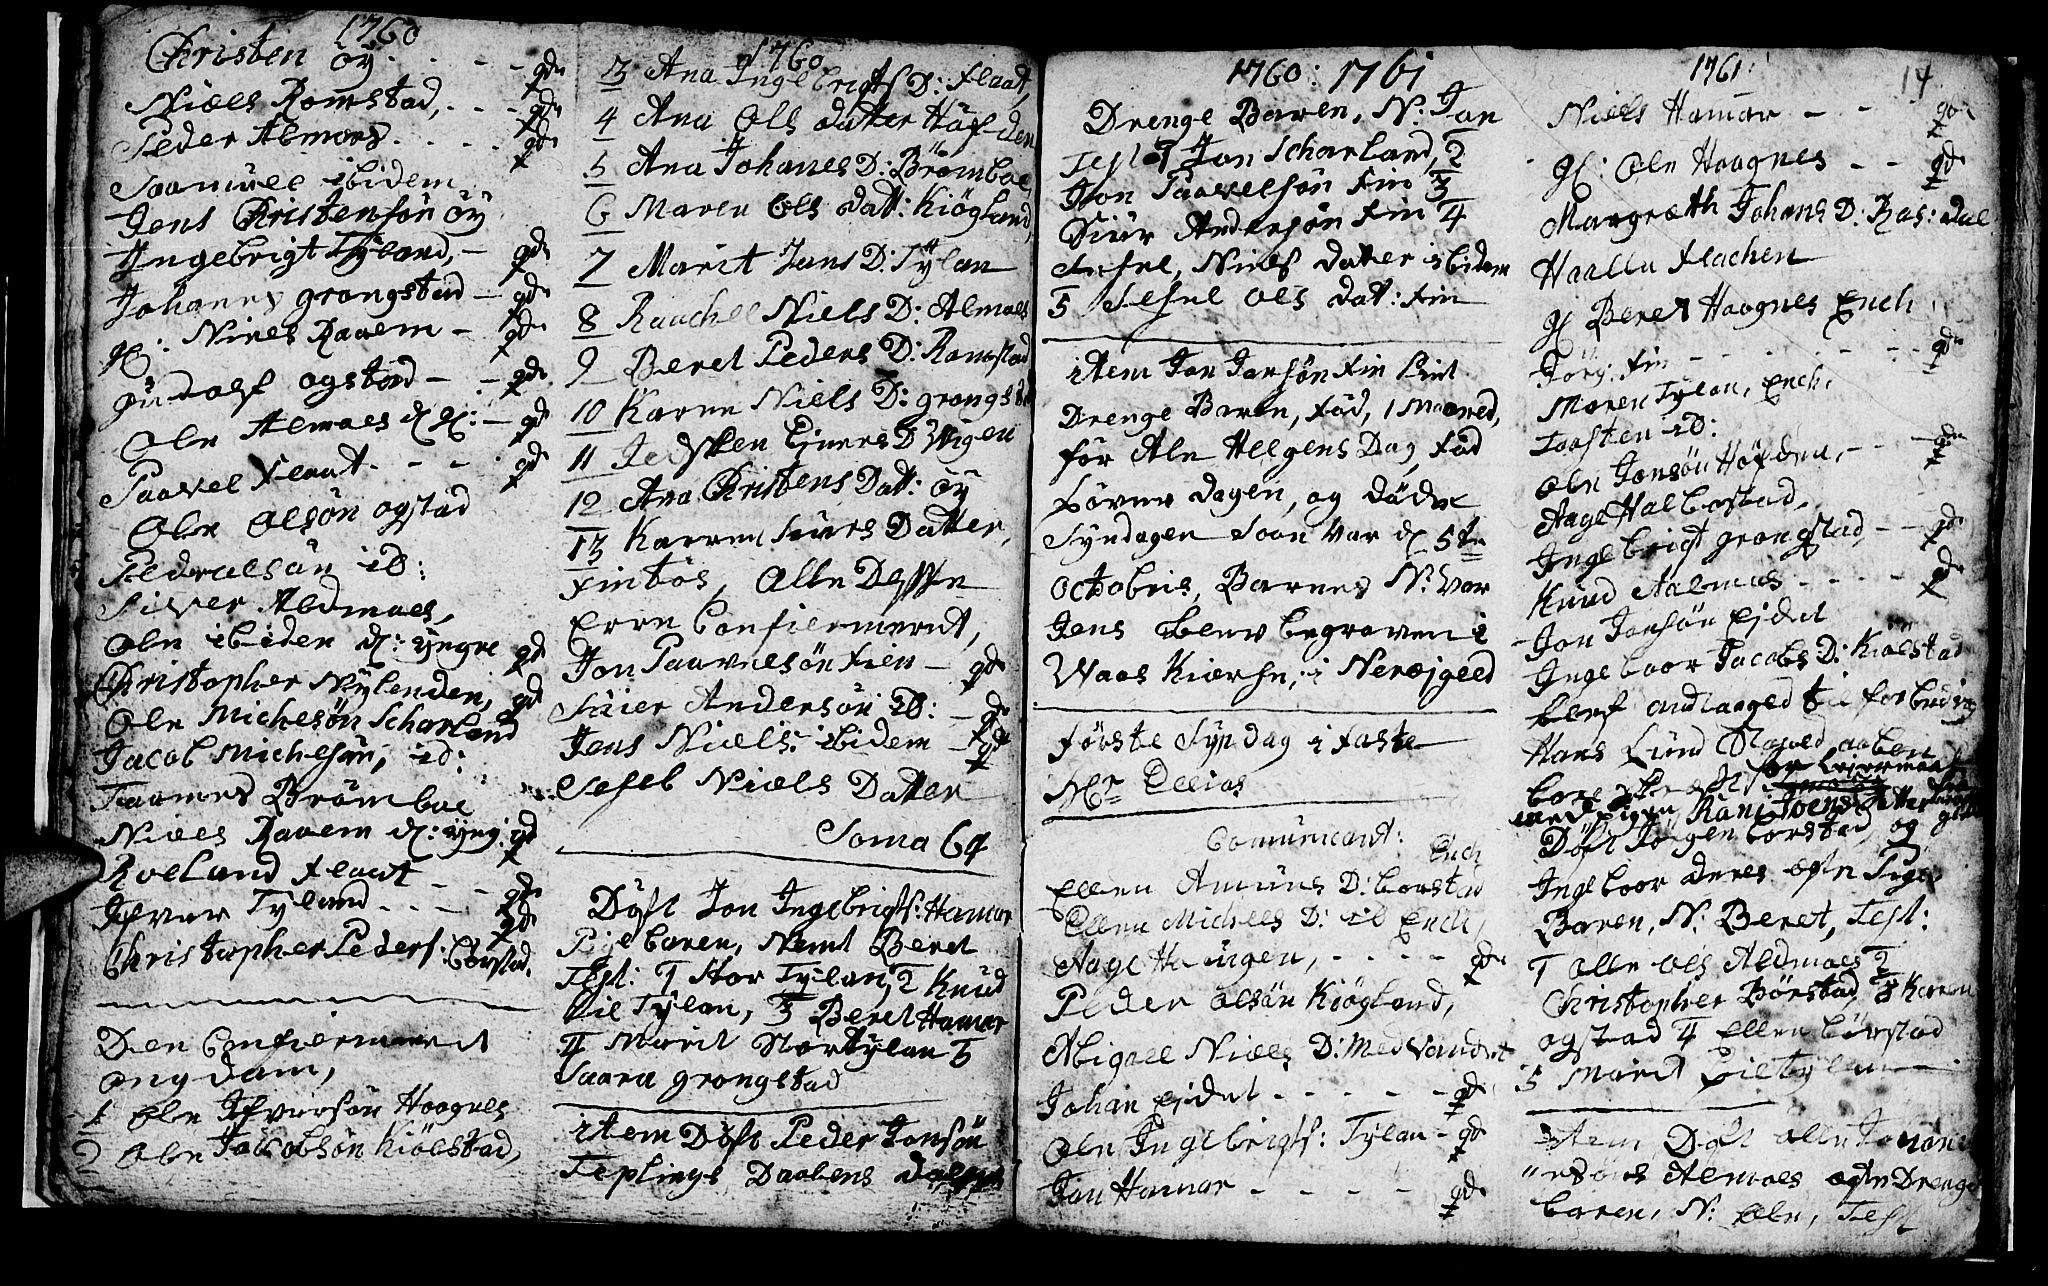 SAT, Ministerialprotokoller, klokkerbøker og fødselsregistre - Nord-Trøndelag, 765/L0561: Ministerialbok nr. 765A02, 1758-1765, s. 14